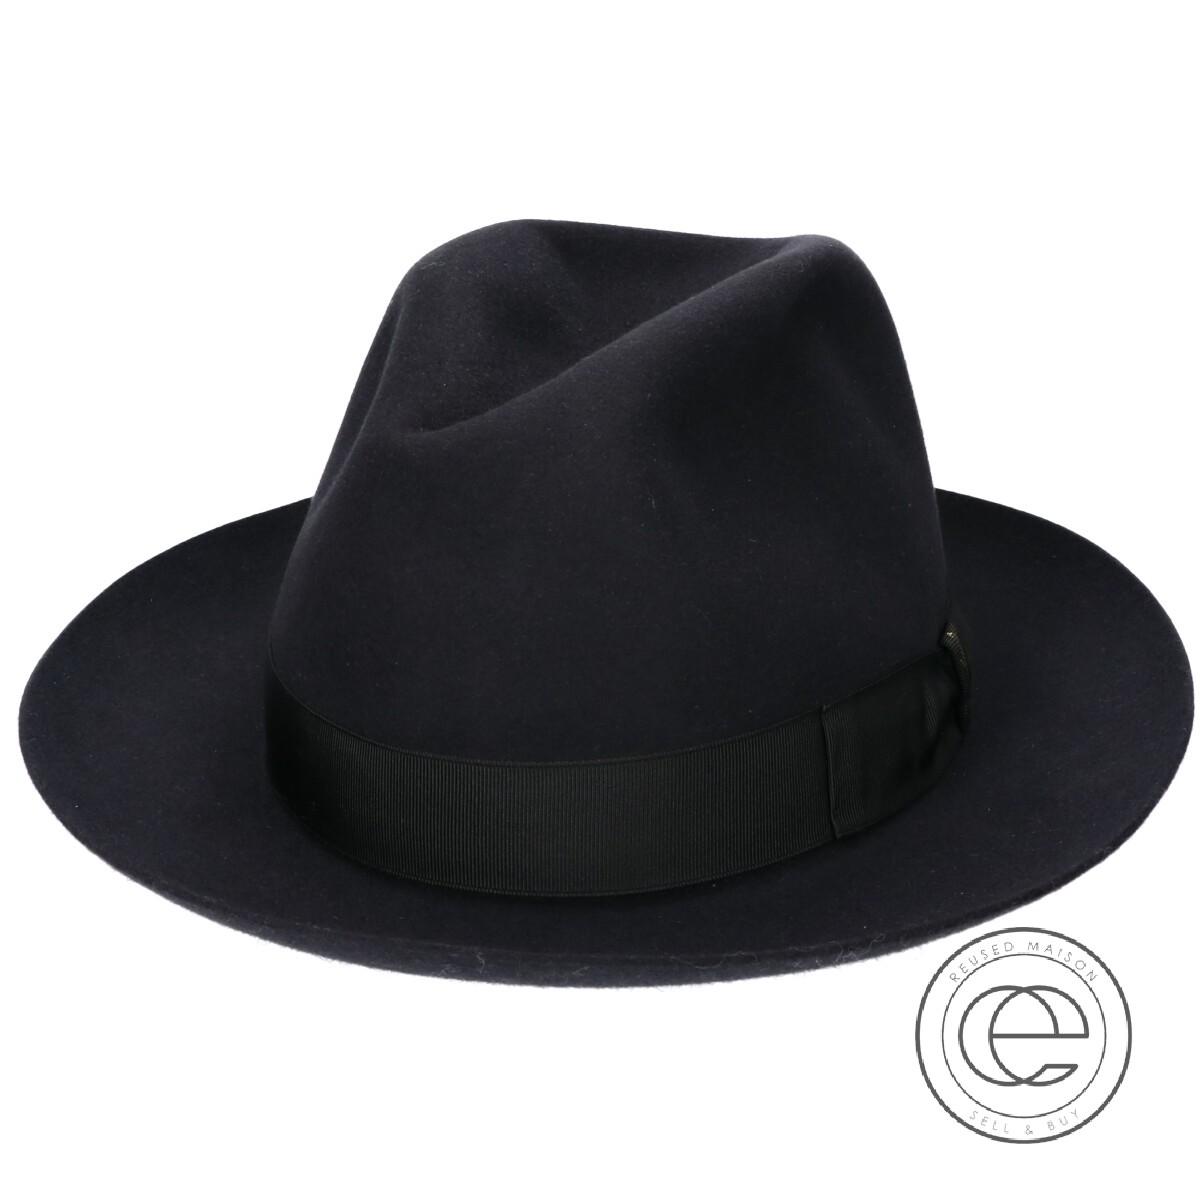 Borsalino ボルサリーノ 114336 Q.S. アネッロ ラザート ラビットファーフェルトハット 帽子 60 ブラック メンズ 【中古】